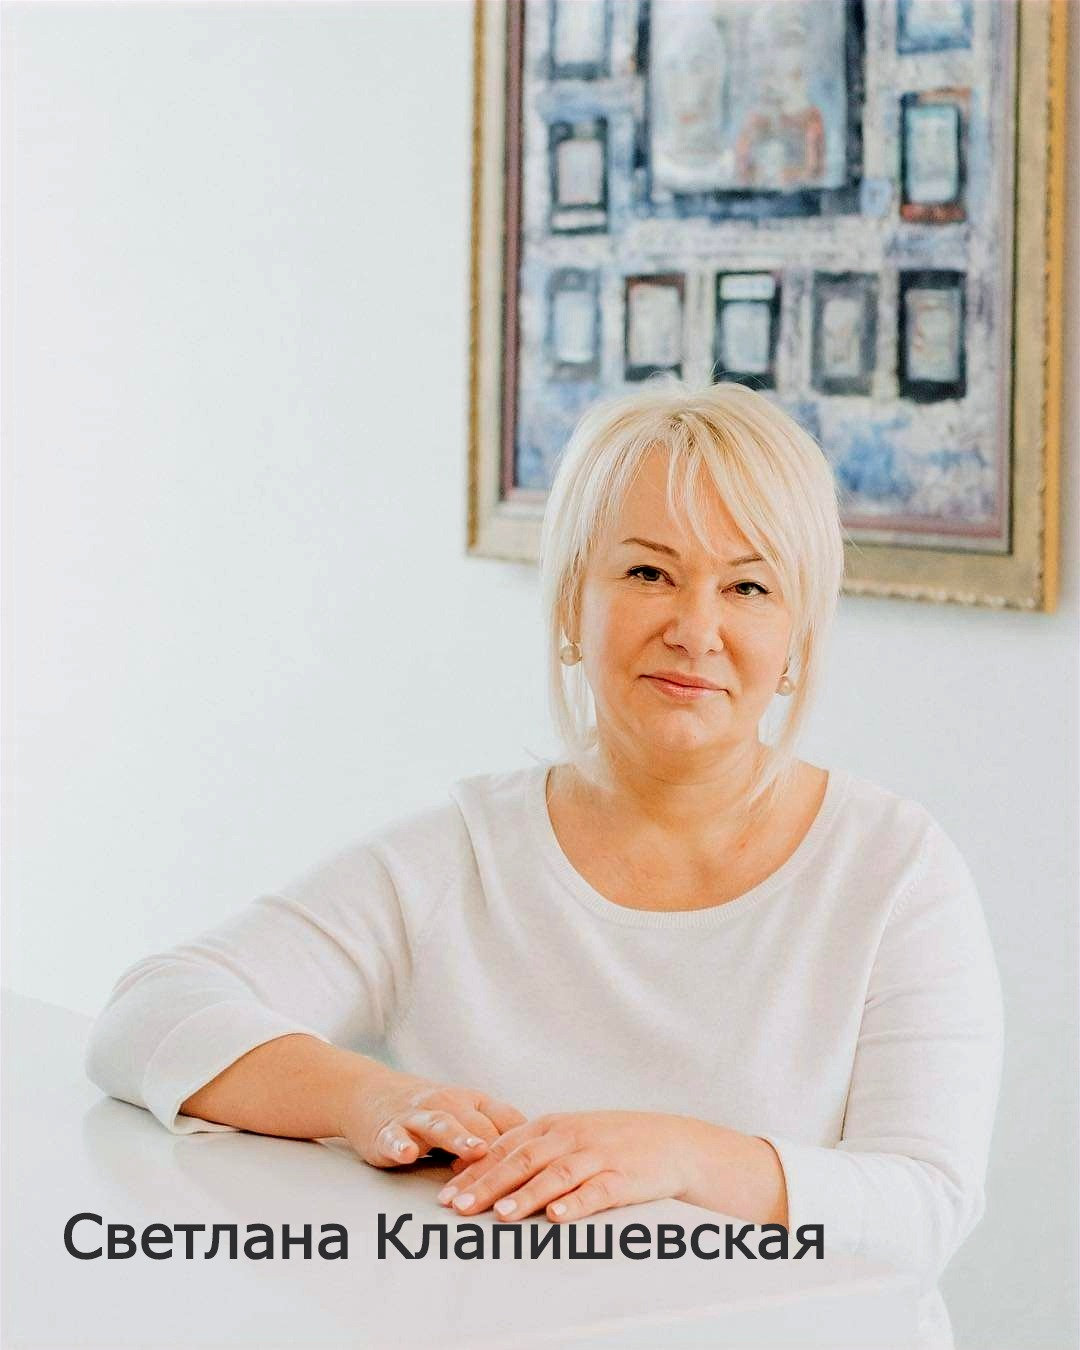 Светлана Анатольевна Клапишевская